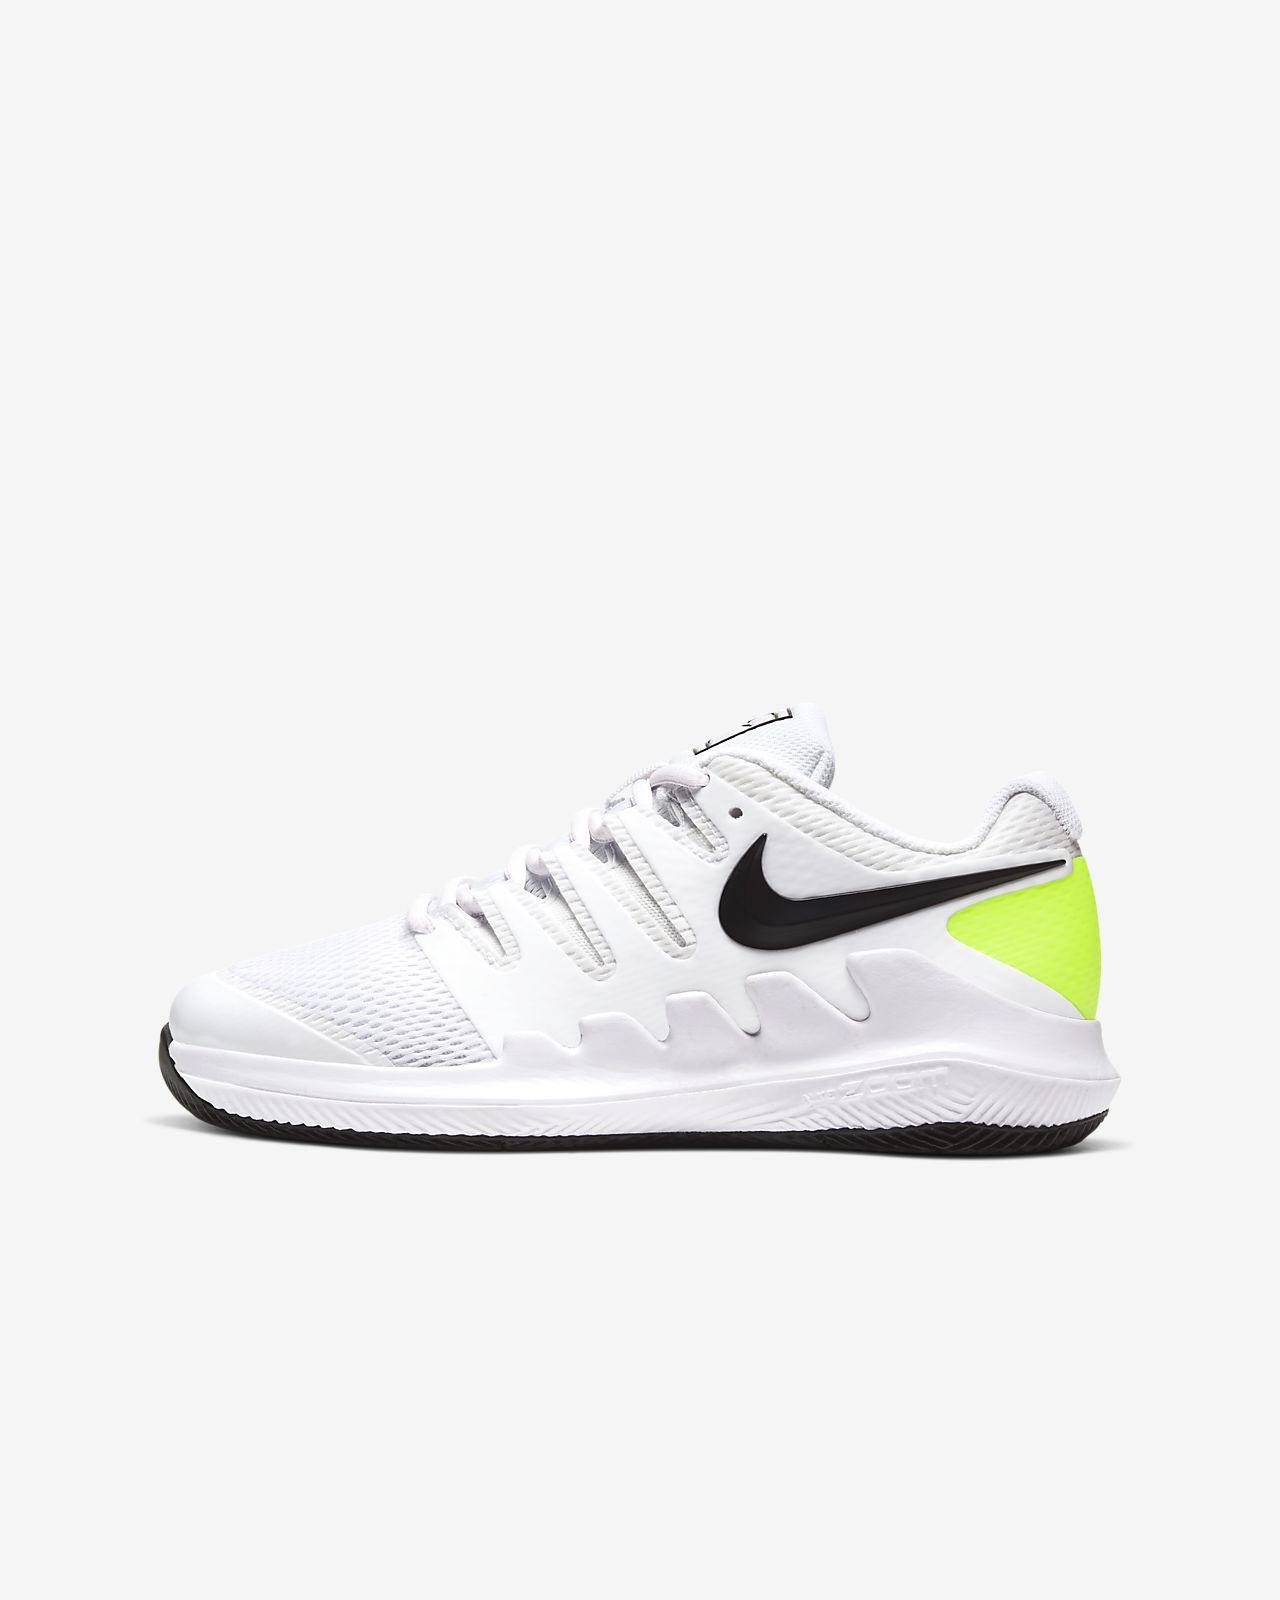 Παπούτσι τένις NikeCourt Jr. Vapor X για μικρά/μεγάλα παιδιά